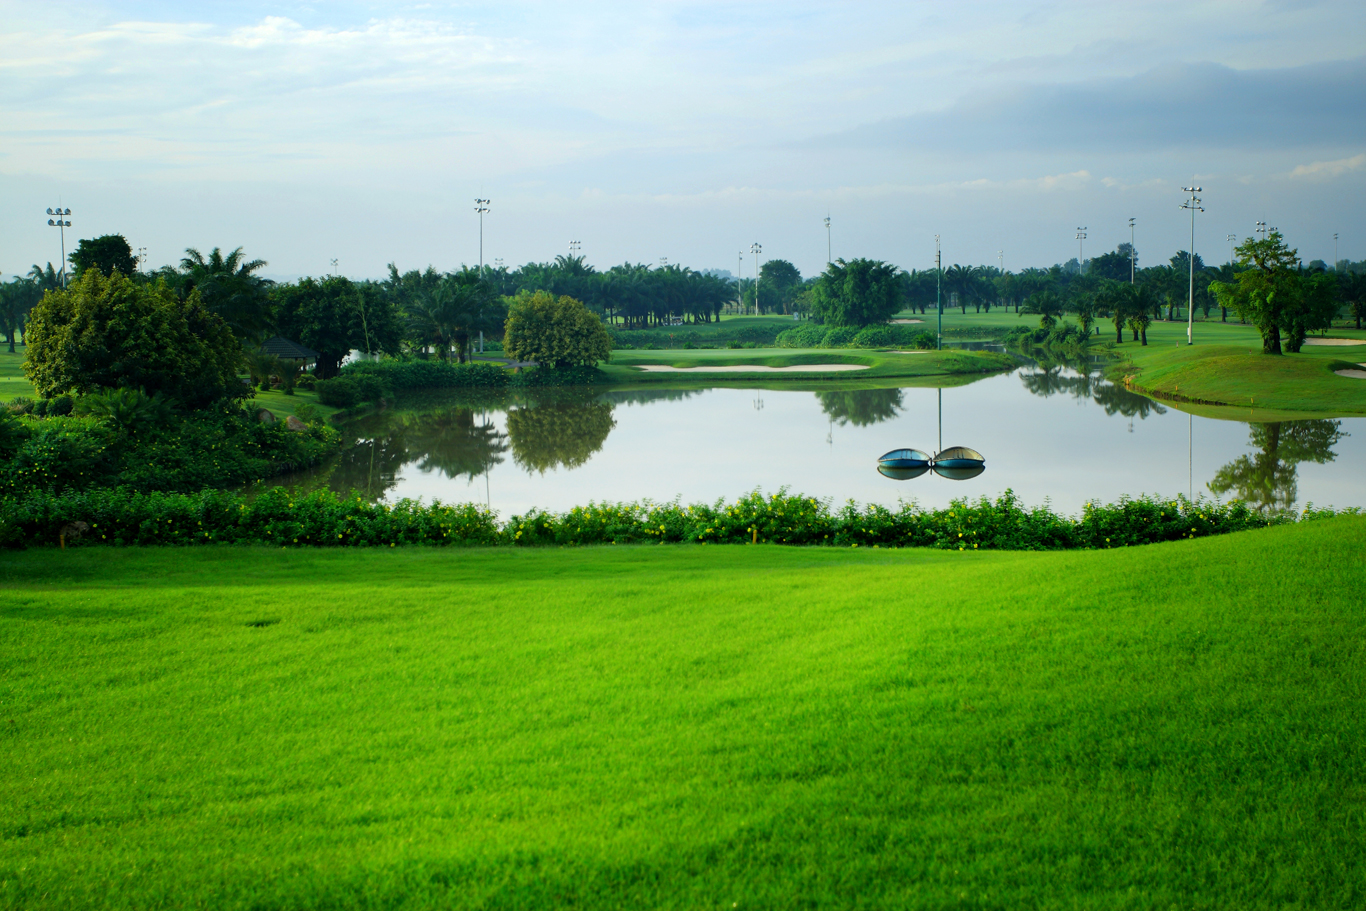 Hồ nước lung linh của sân golf Long Thành